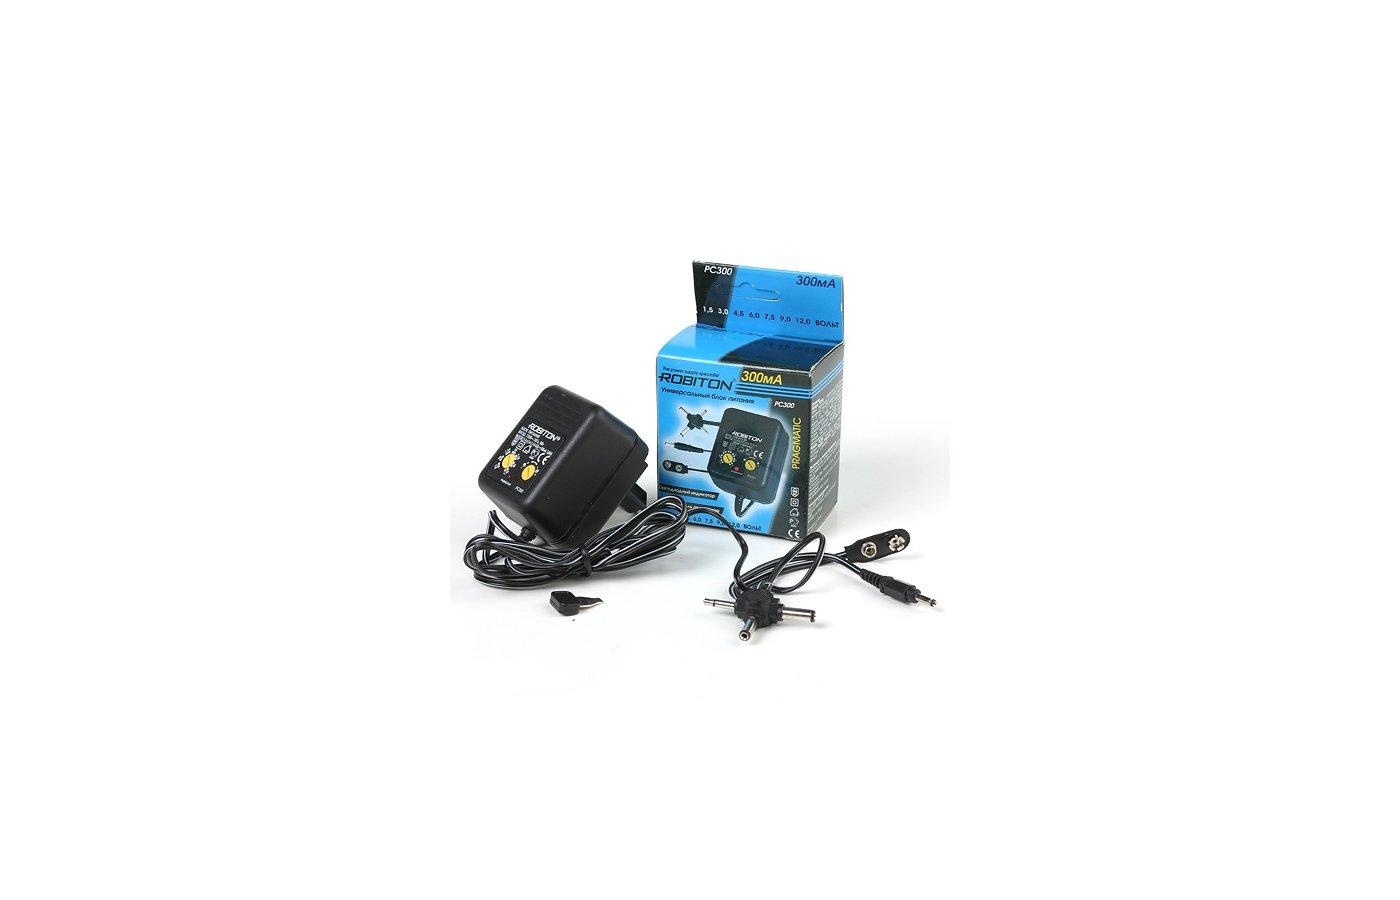 Сетевой адаптер для ноутбука ROBITON PC500 (1.5-12В 500 мА)